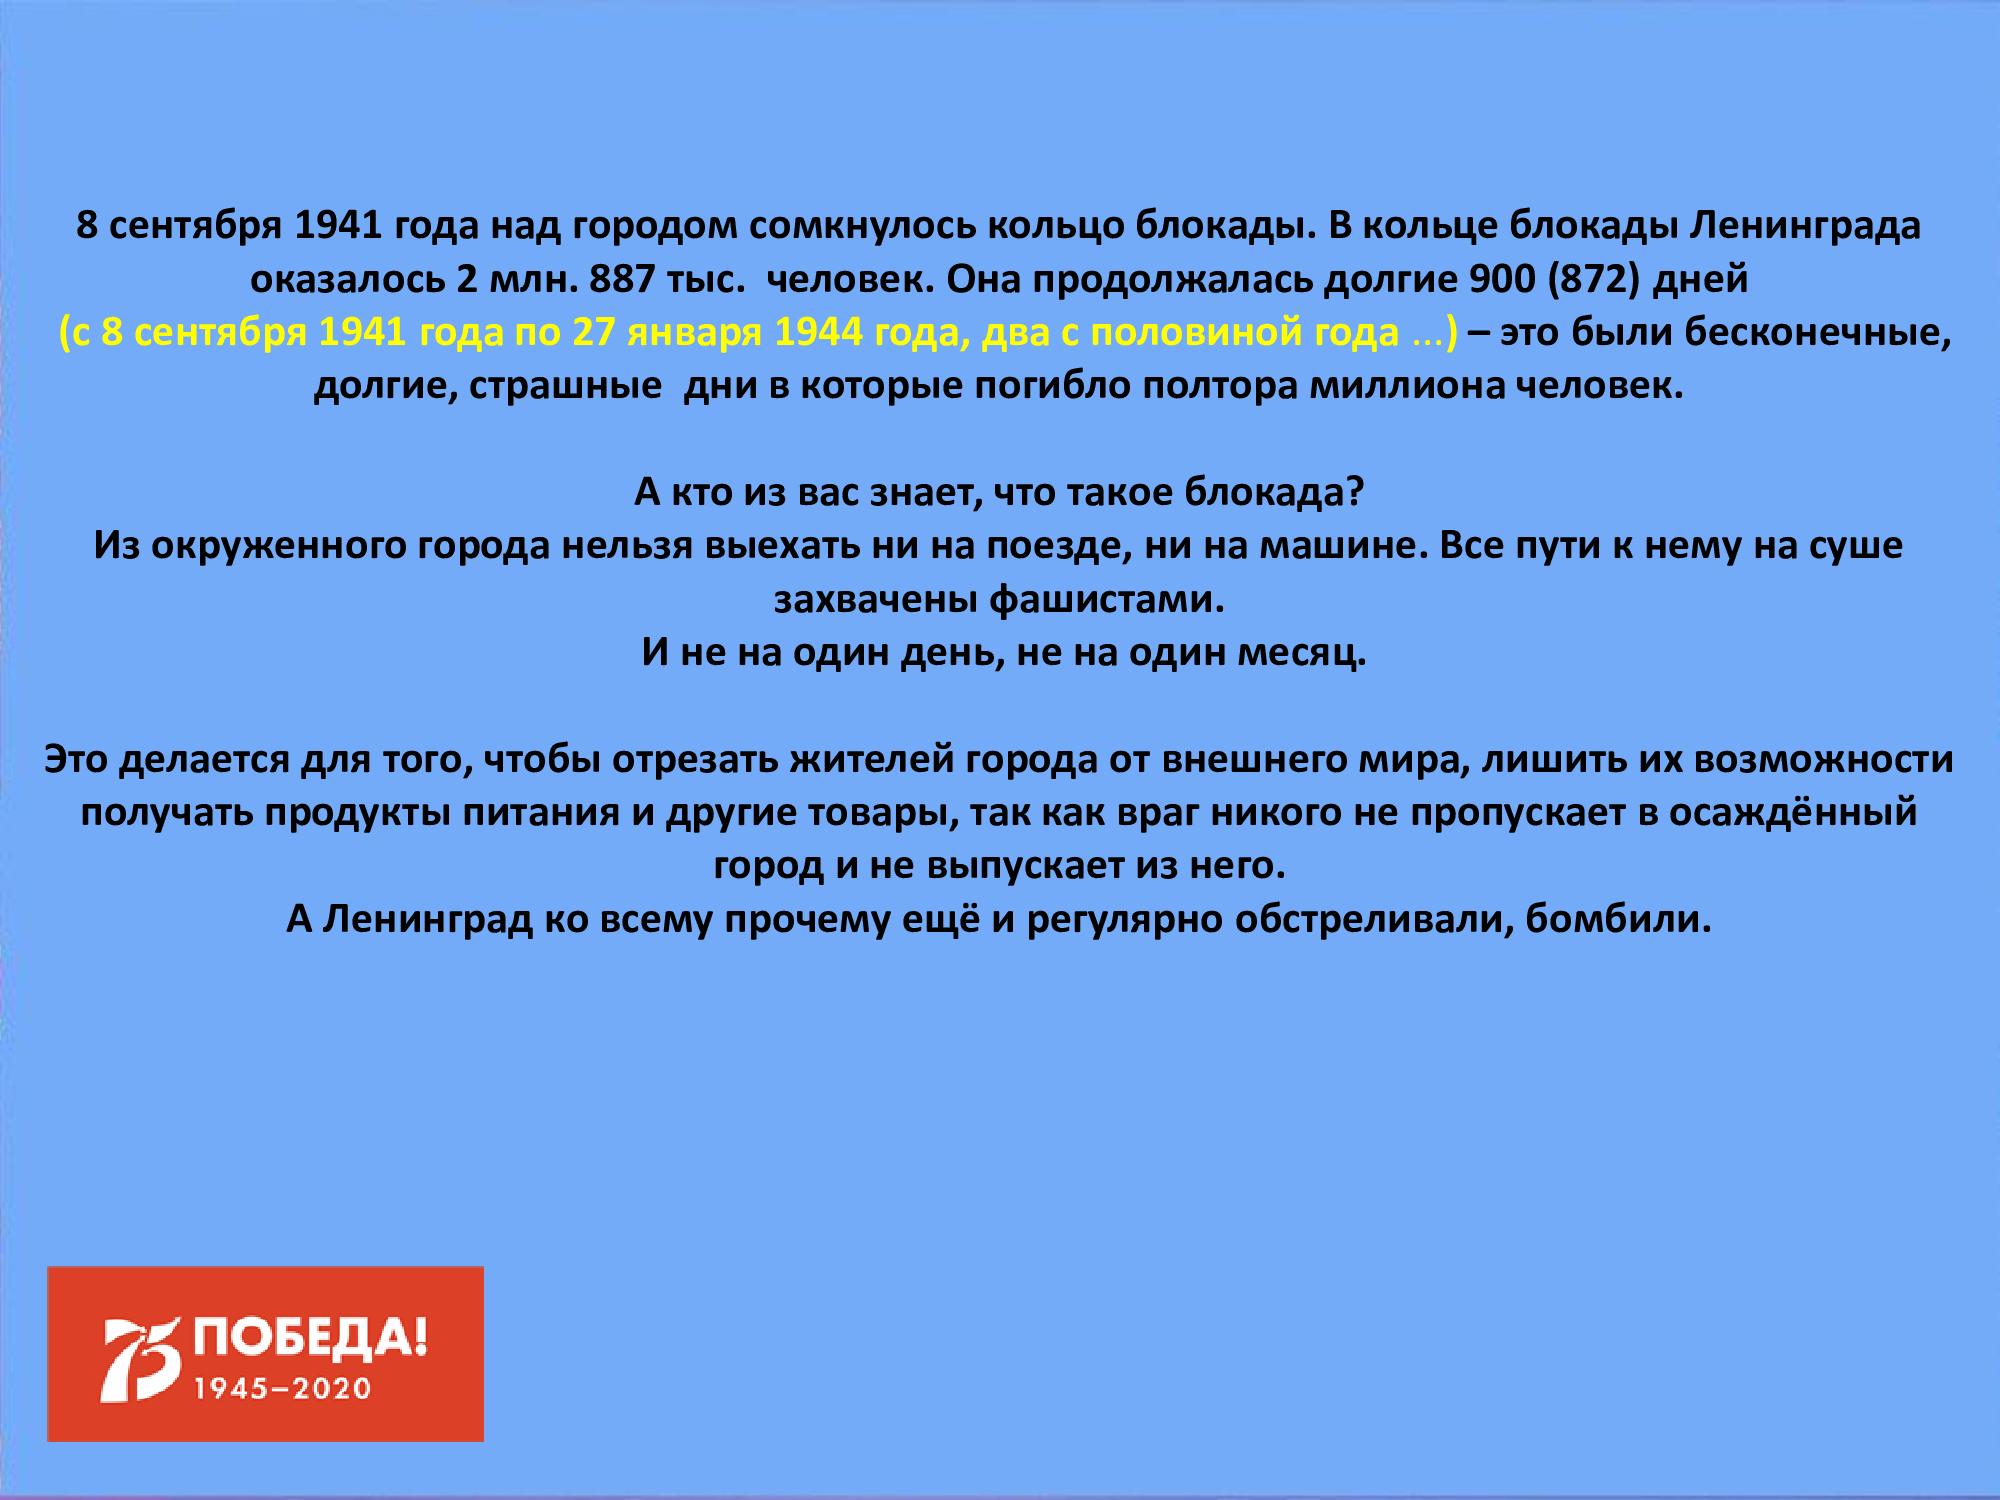 d0c72adb229896c2a1bf53851fffe973-1